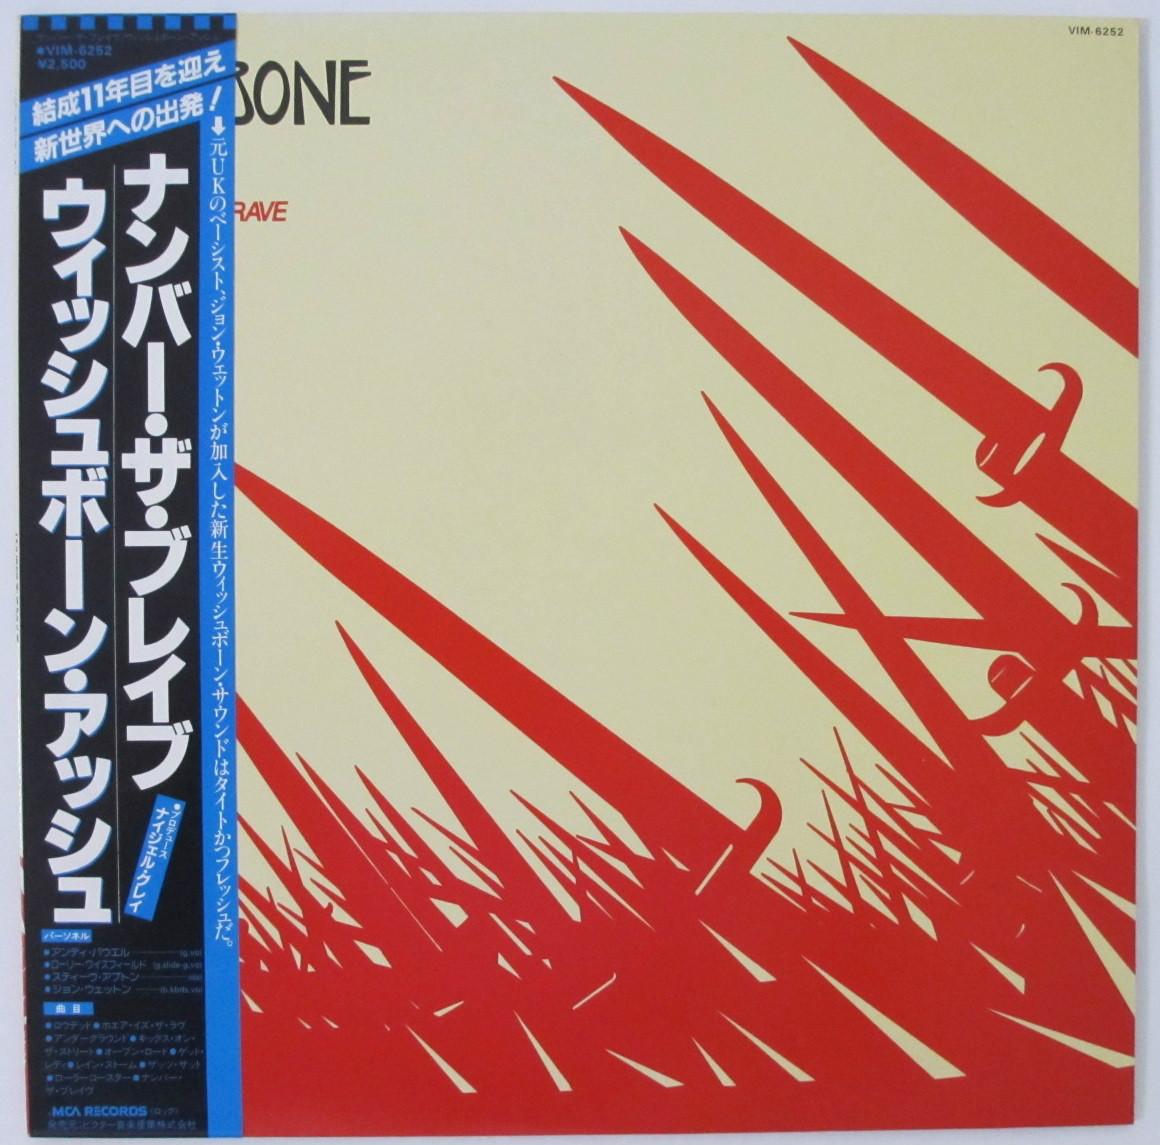 【中古レコード】NUMBER THE BRAVE(ナンバー・ザ・ブレイヴ) WISHBONE ASH(ウィッシュボーン・アッシュ)